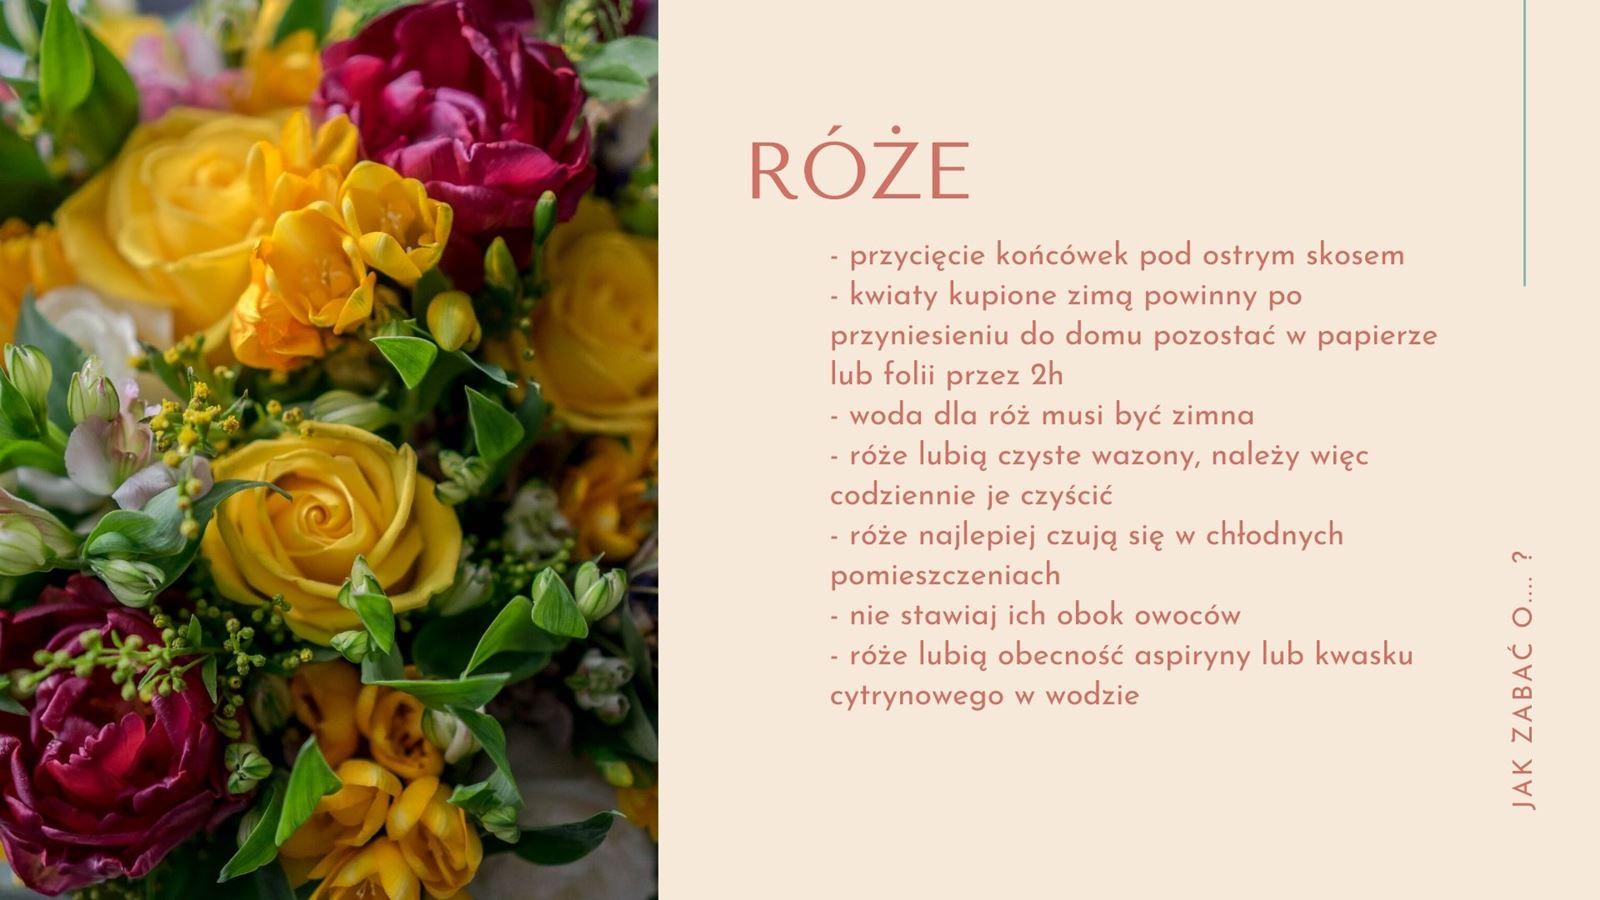 jak przedłużyć życie kwiatom gdzie zamówić kwiaty z dostawa kurierem kosz prezentowy jak utrzymac dlugo w wazonie roze piwonie astry lilie goździki narcyzy jak ususzyć bukiet kwiatów róże kwiatki